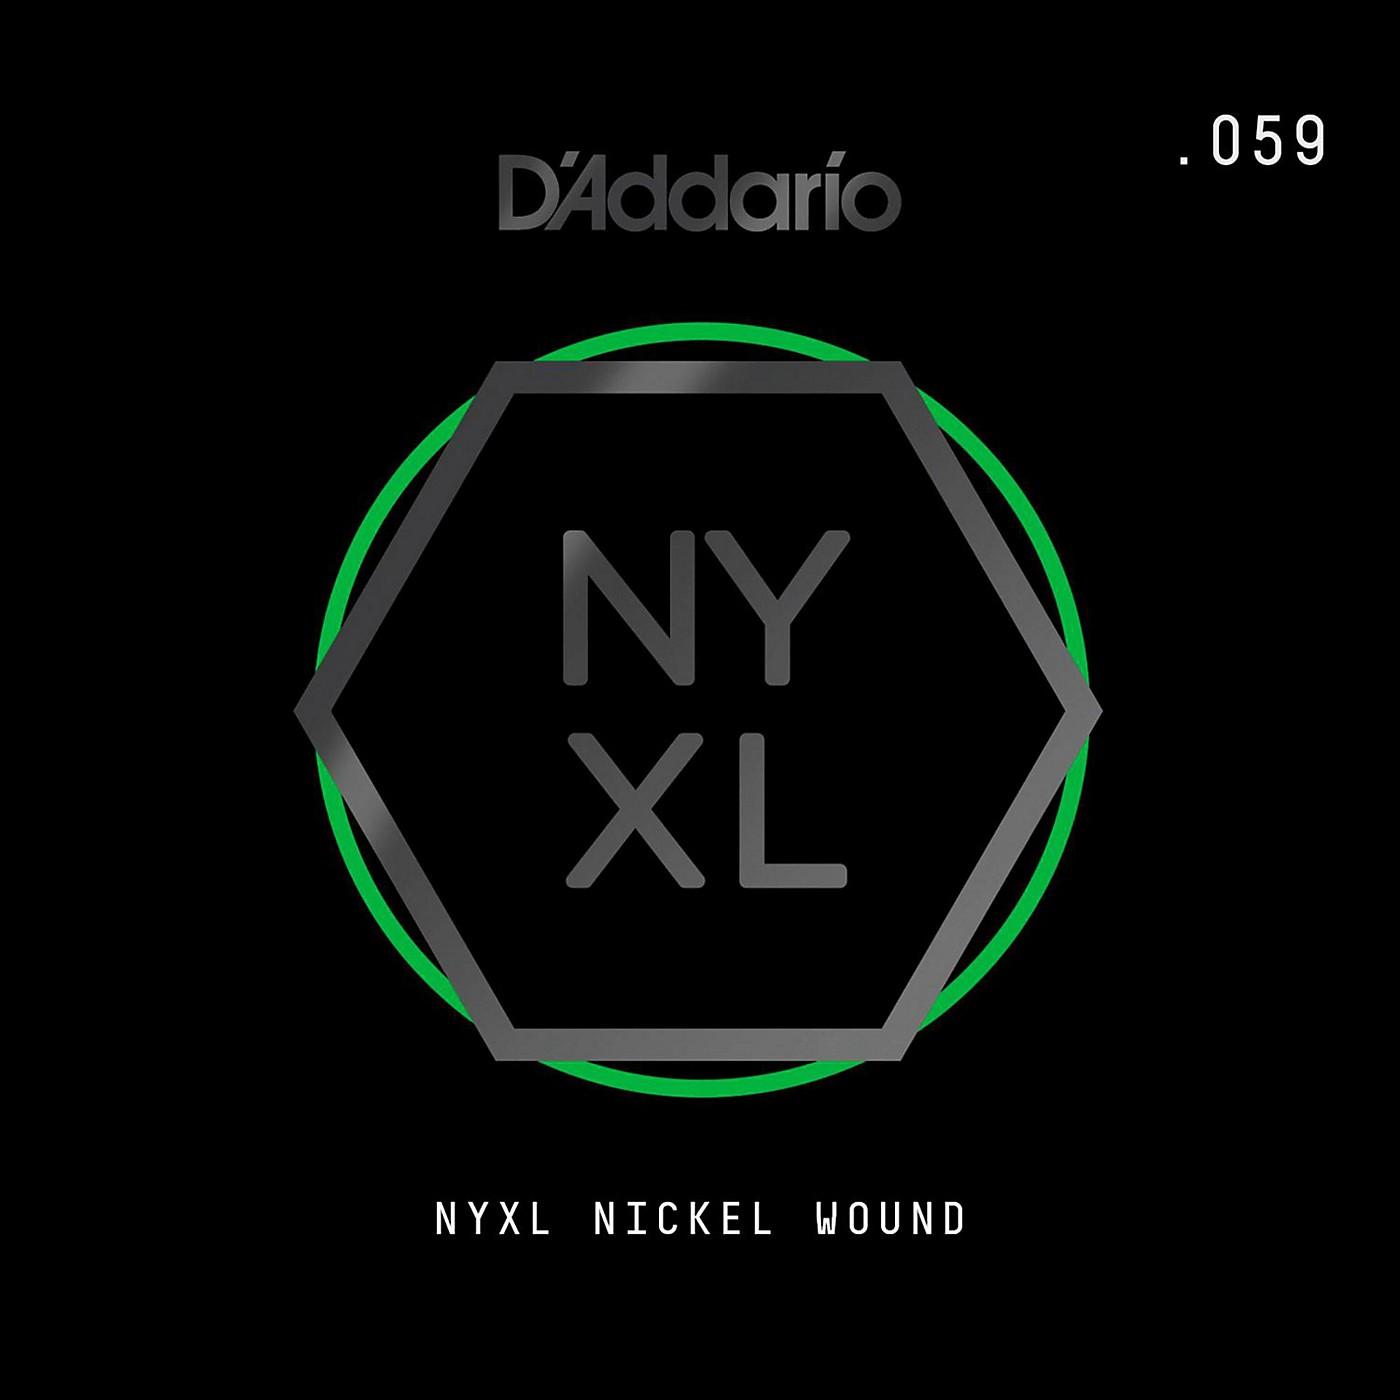 D'Addario NYNW059 NYXL Nickel Wound Electric Guitar Single String, .059 thumbnail